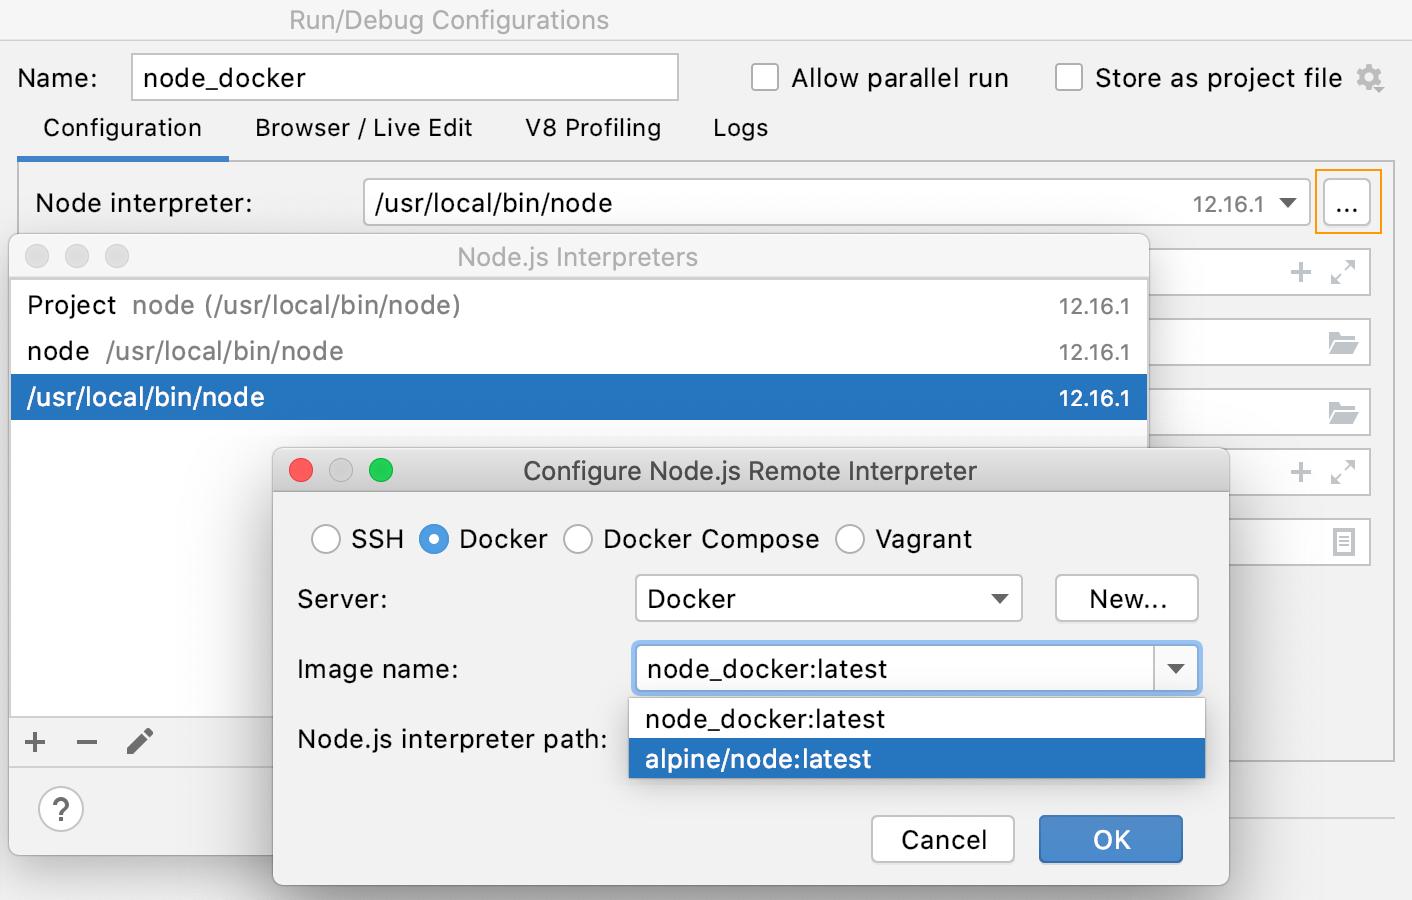 Open the Node.js Interpreters dialog from Node.js run configuration